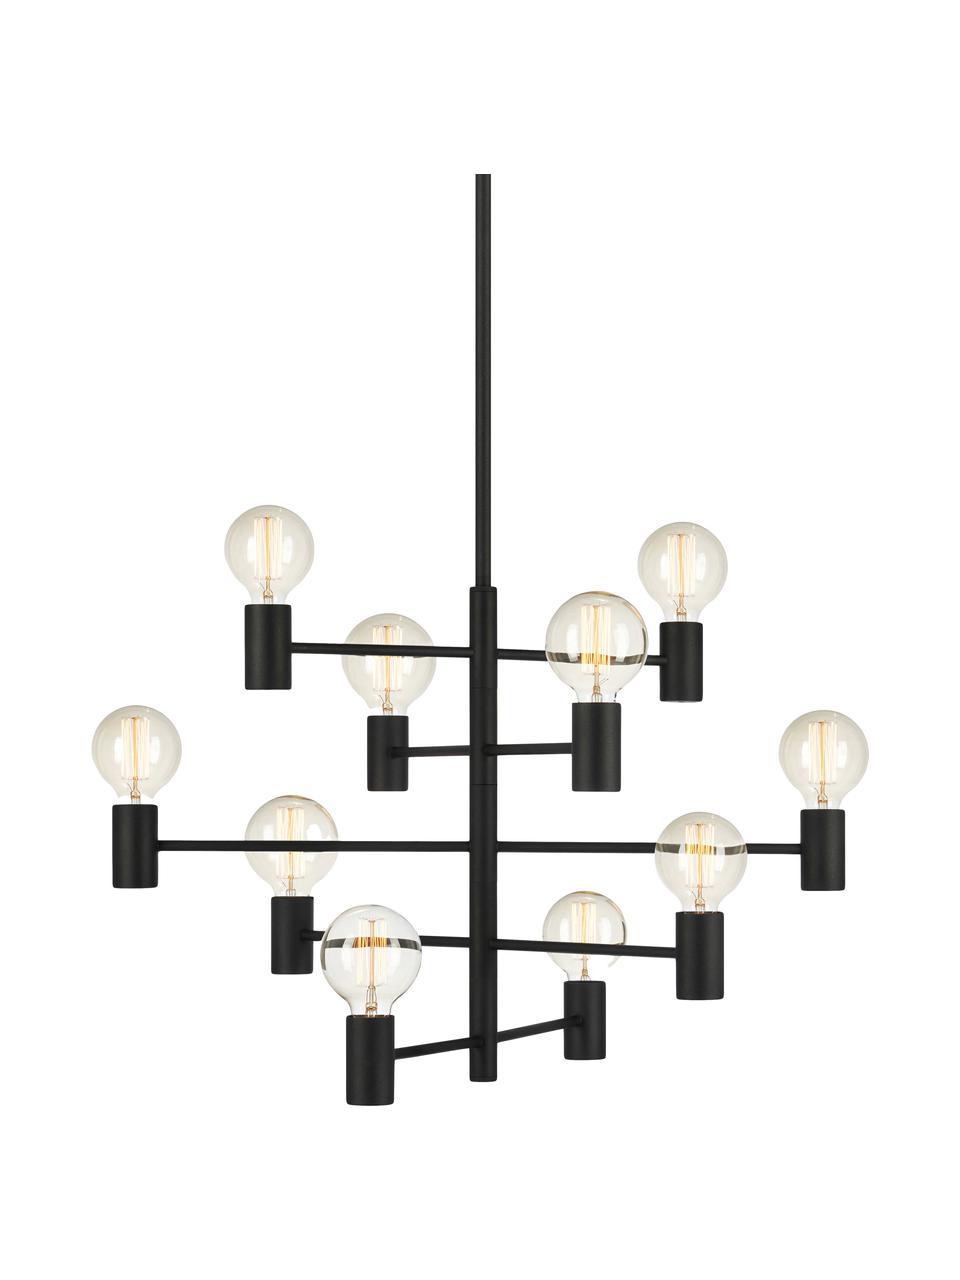 Duży żyrandol Paris, Lampa: czarny Kabel: transparentny, Ø 80 cm